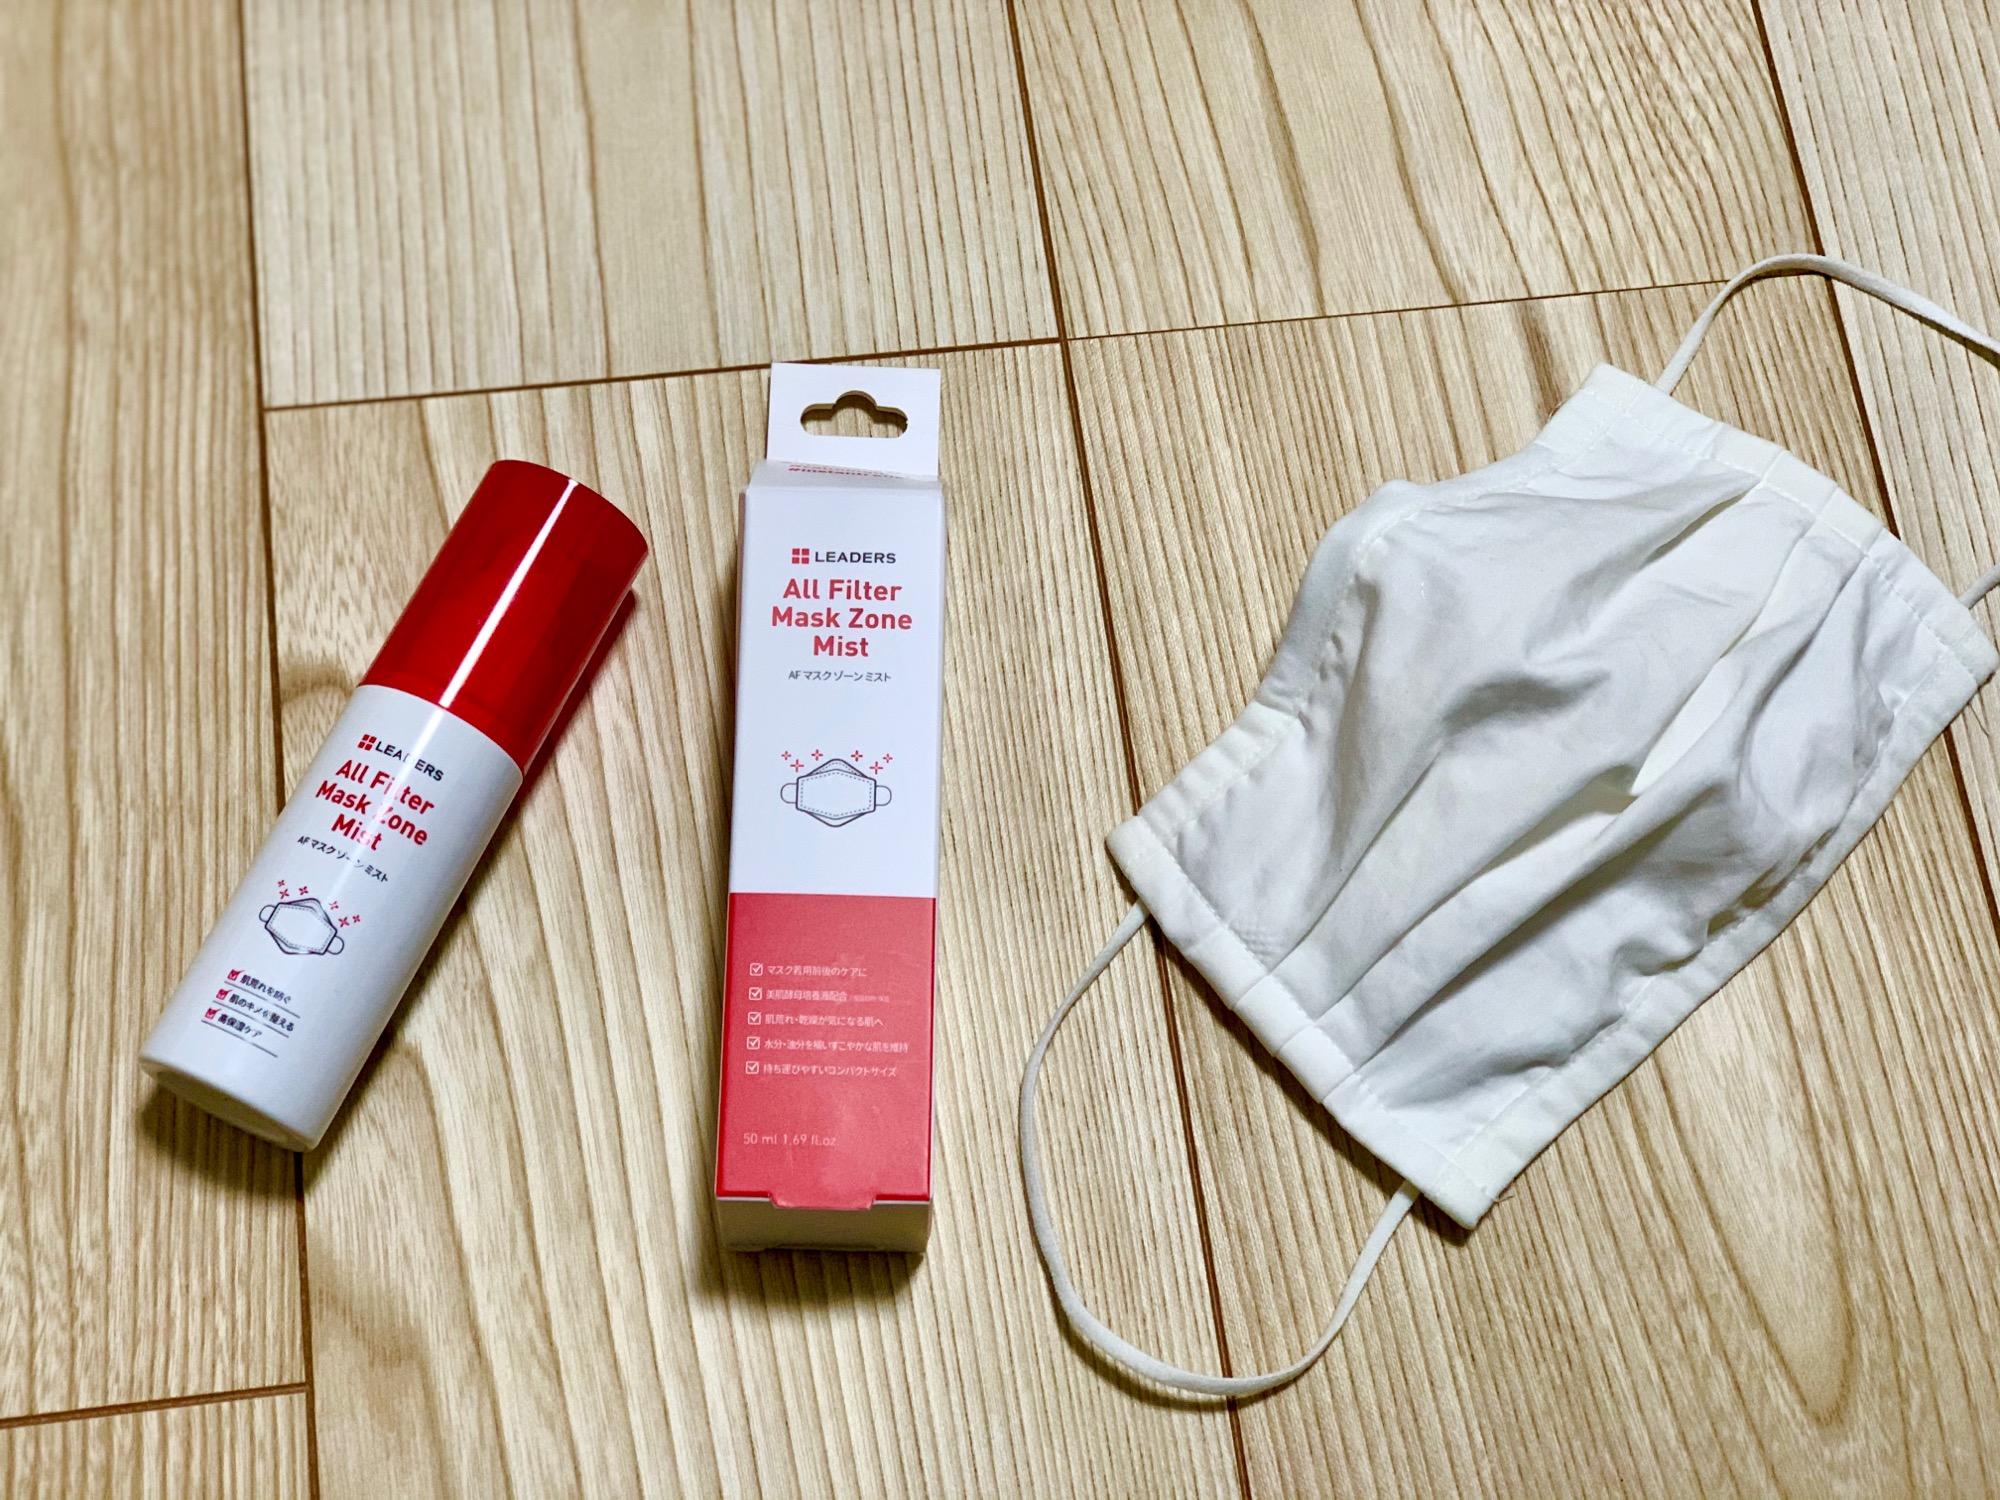 《マスクの肌荒れ対策に❤️》シカ成分配合!【AF マスクゾーンミスト】を愛用中☻_1